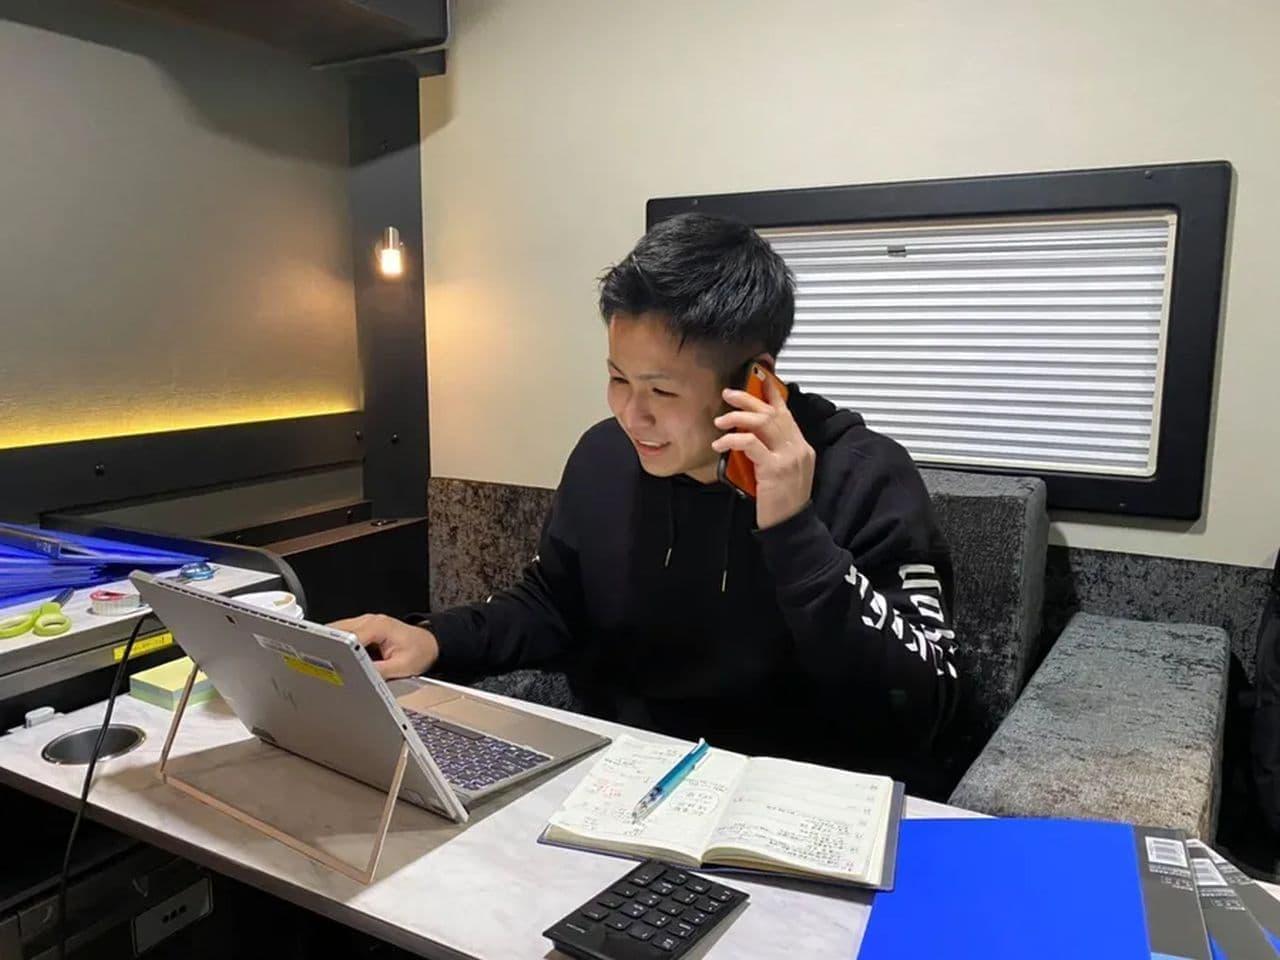 キャンピングカーでテレワーク いまだけ無料 ― 1時間から予約できる「モバイル・オフィス」実証実験を京急電鉄遊休地で実施